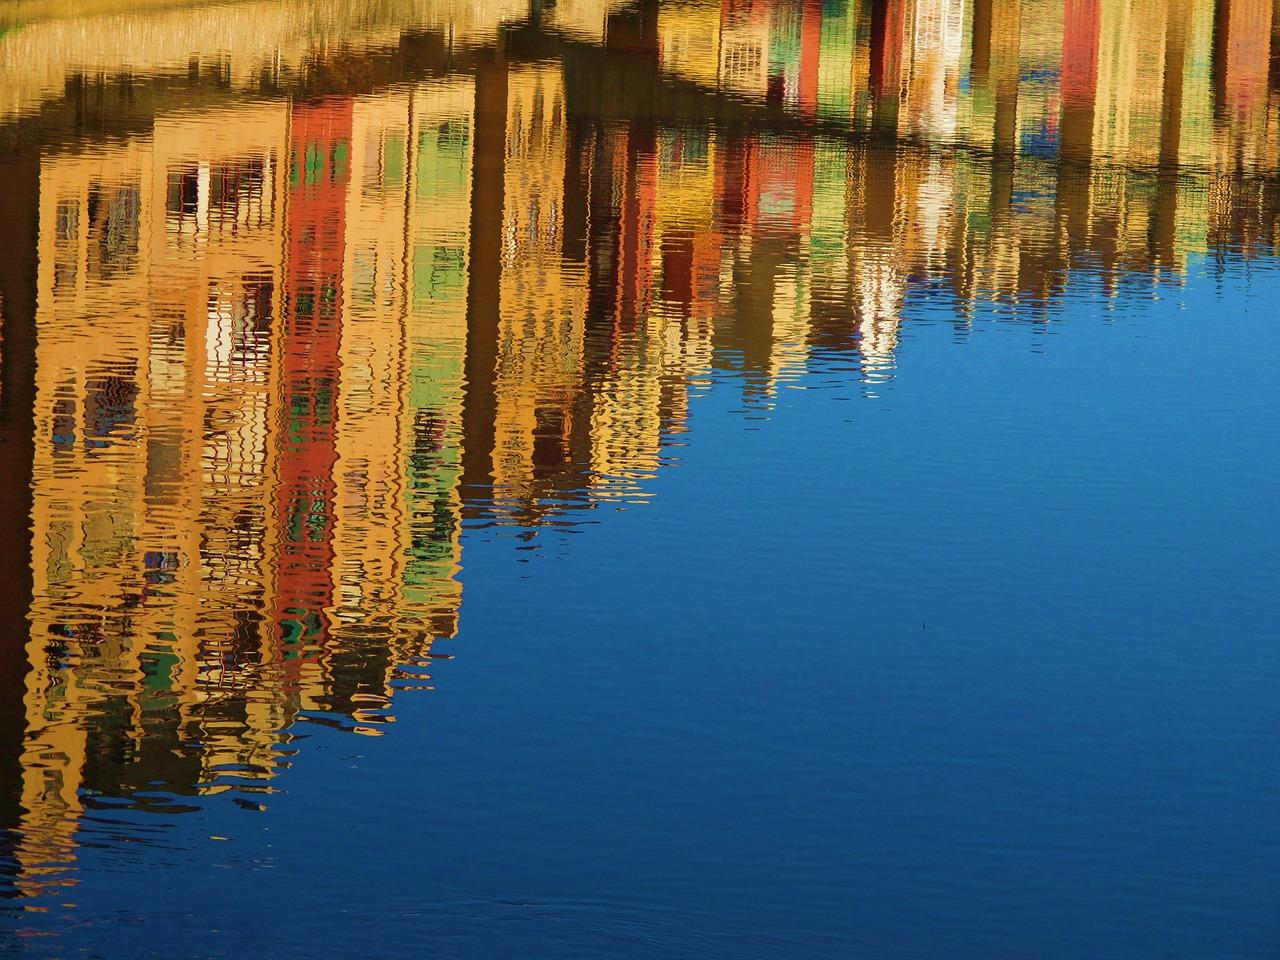 Mehr als 65.500 Häuser und Wohnungen in Spanien sind 2018 durch Ausländer gekauft worden